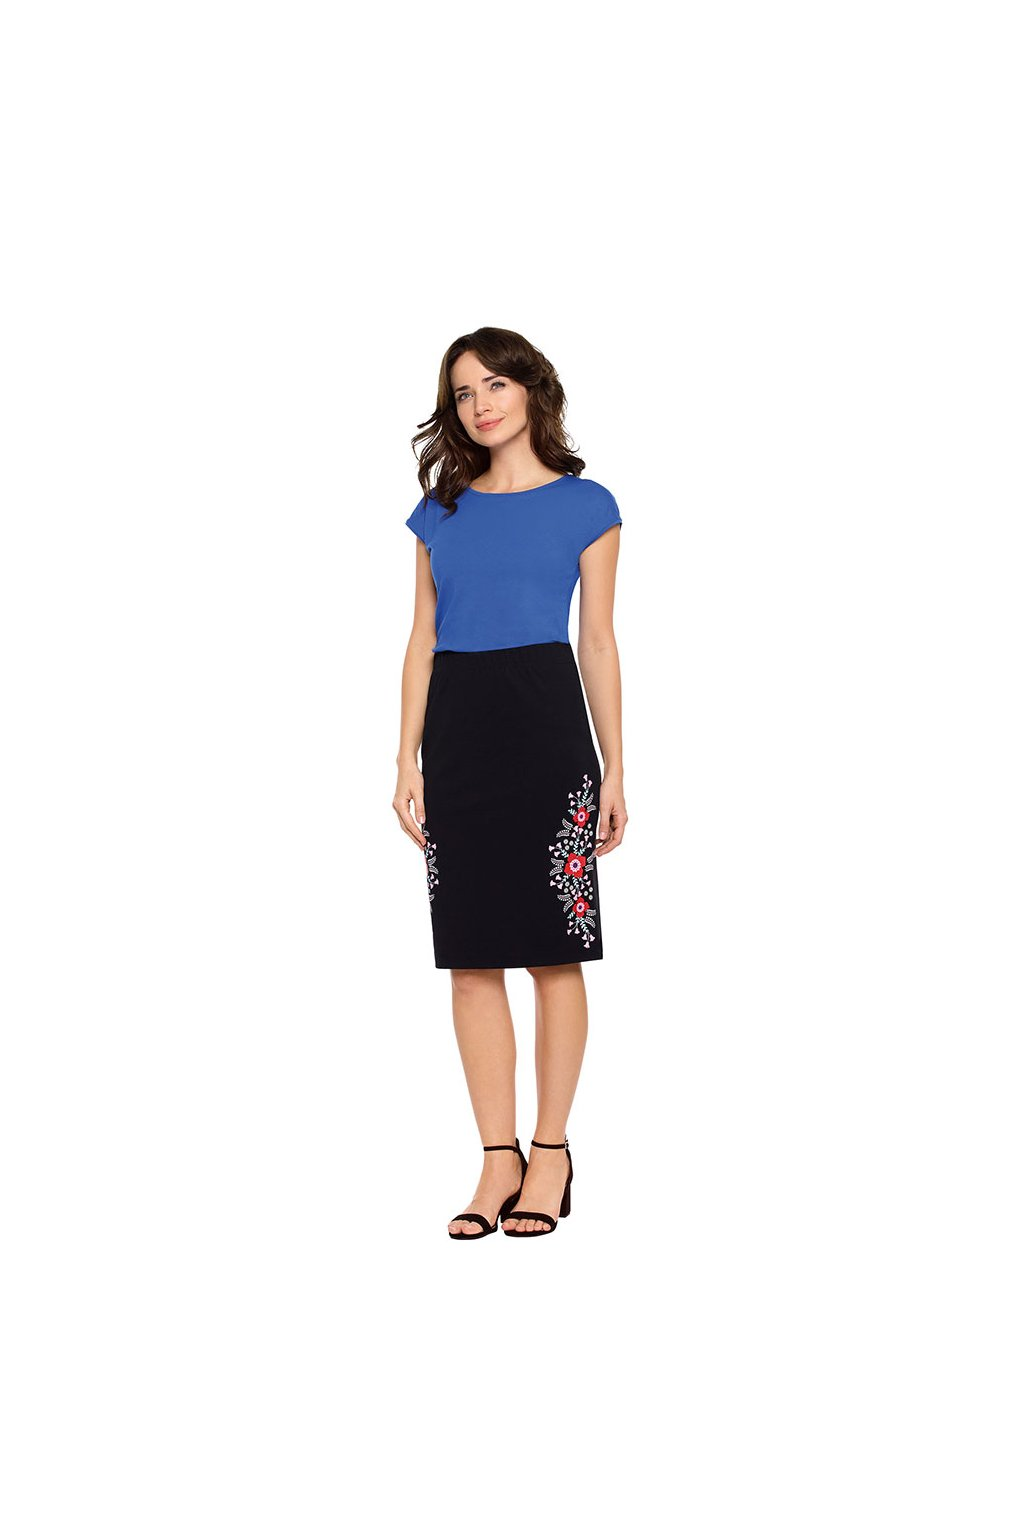 Dámská sukně, 10596 29, černá